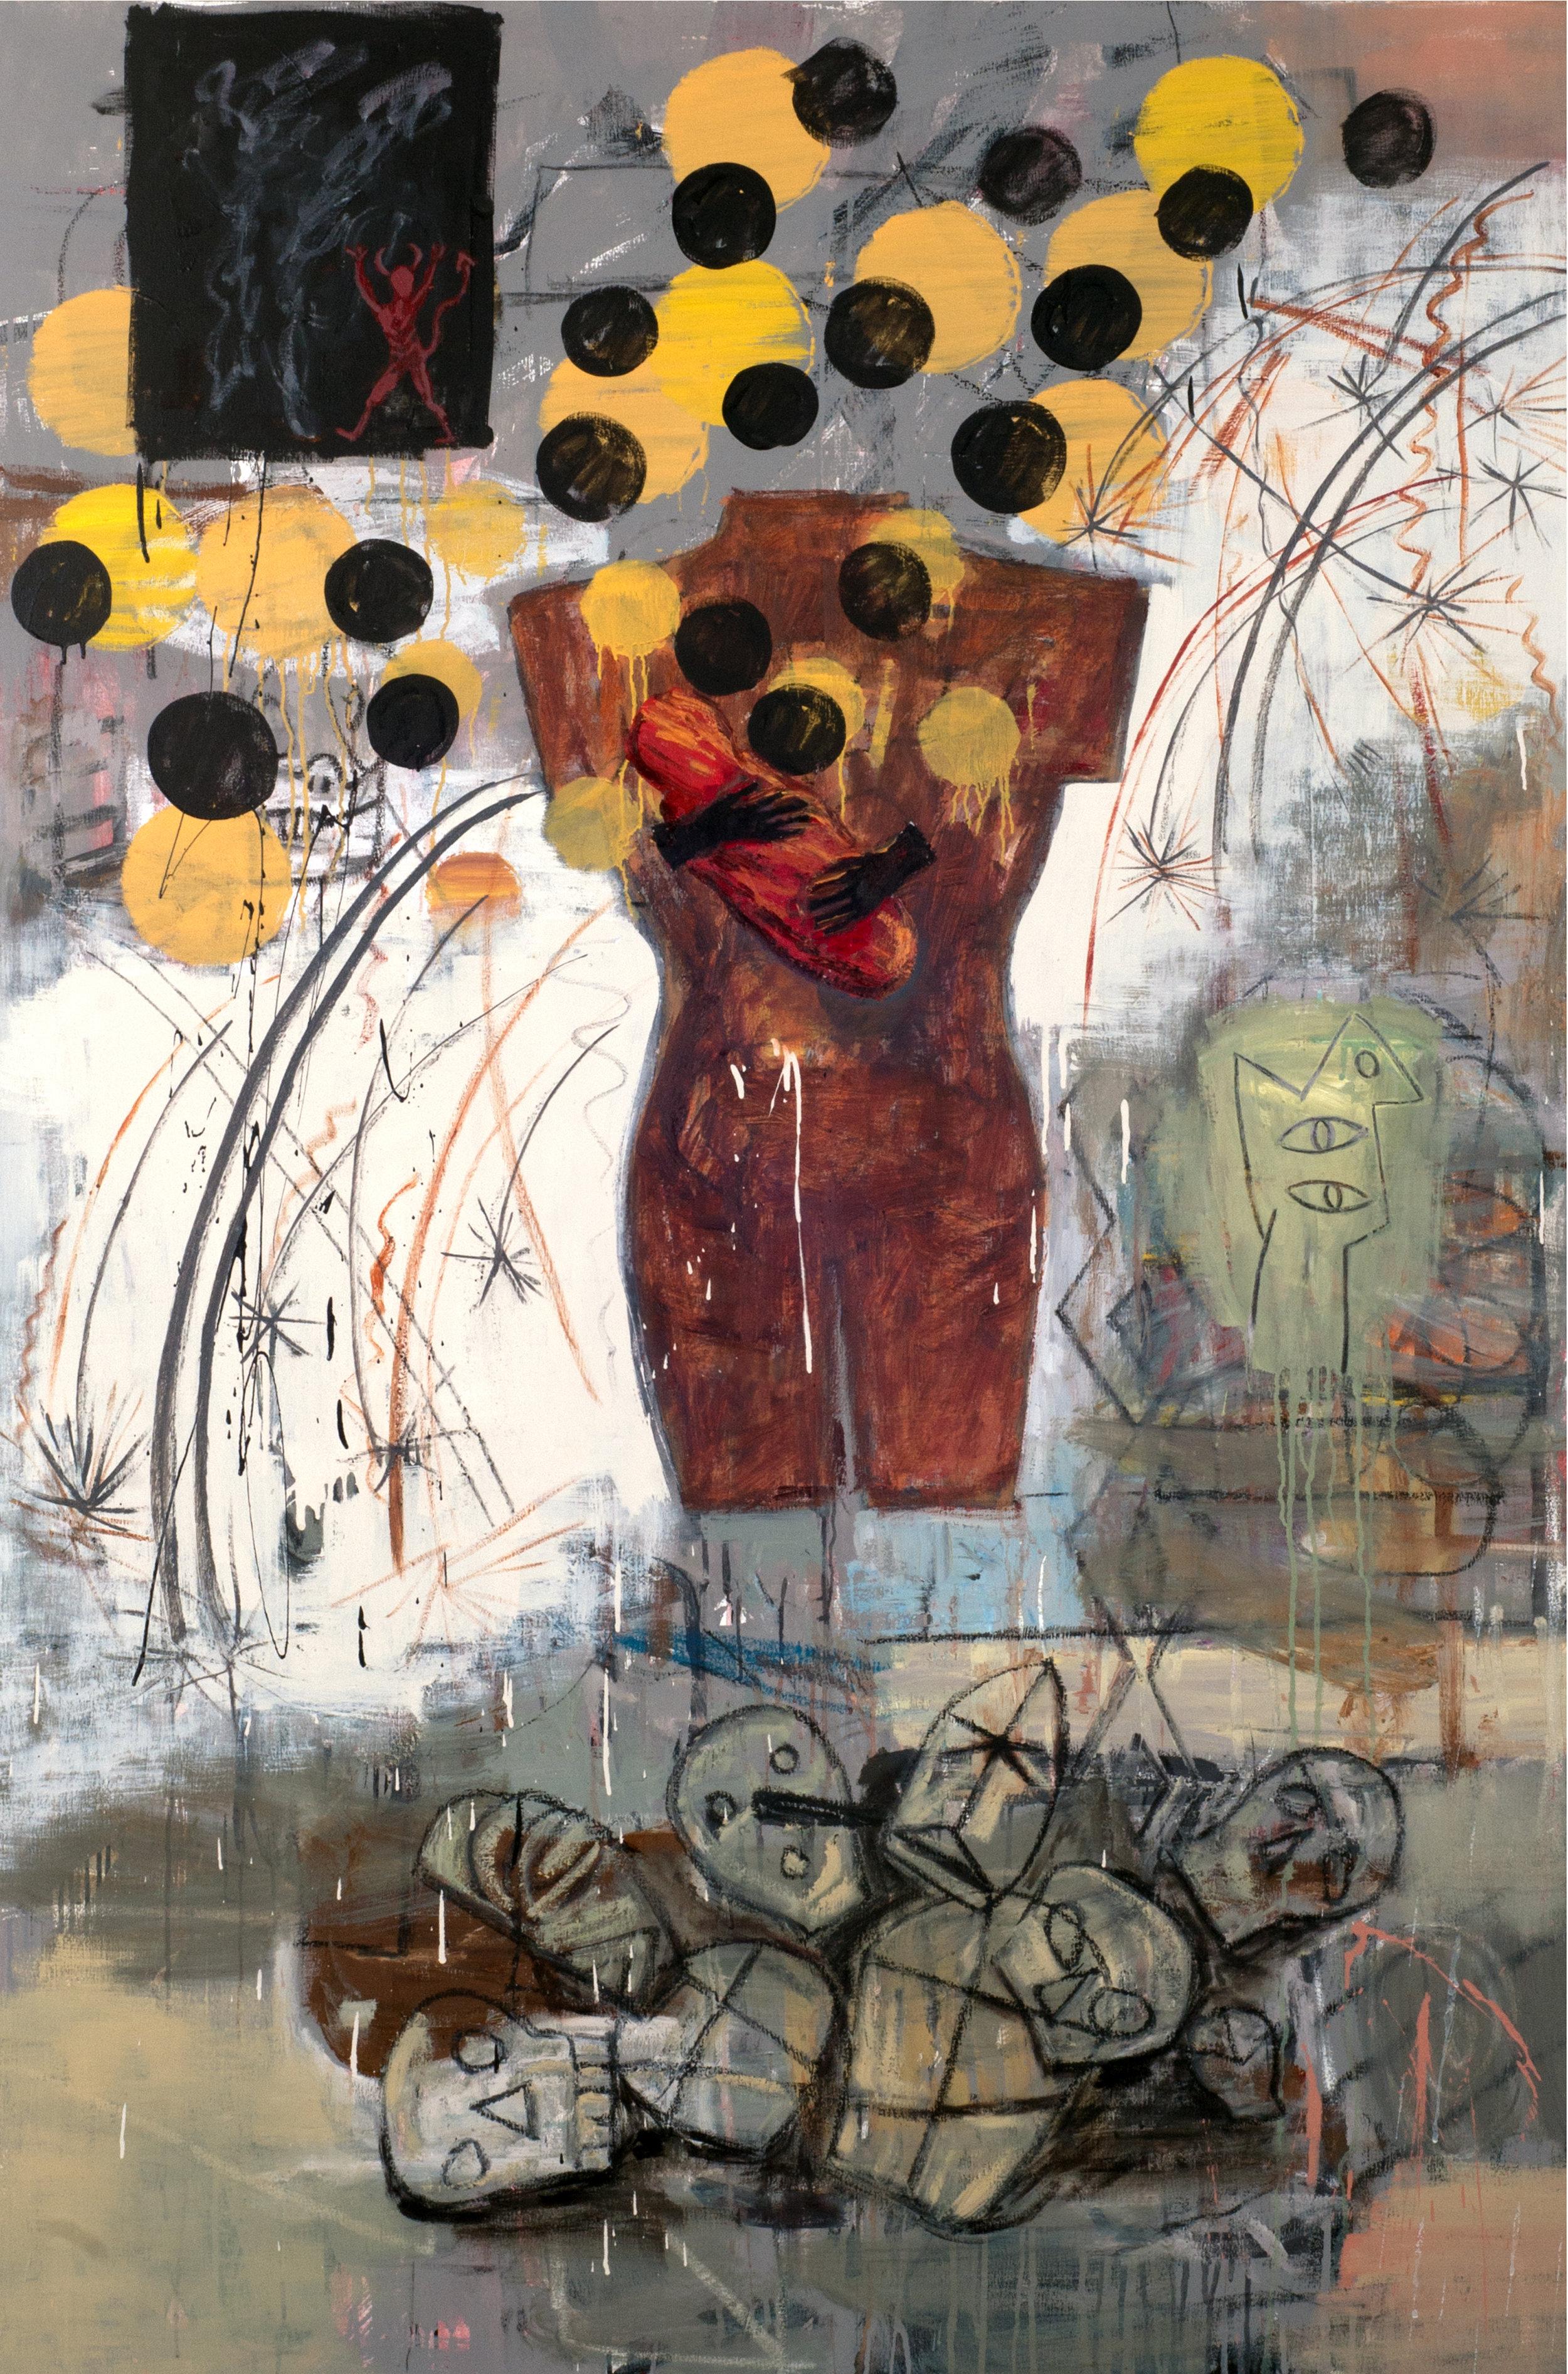 Shock and Awe, 2011